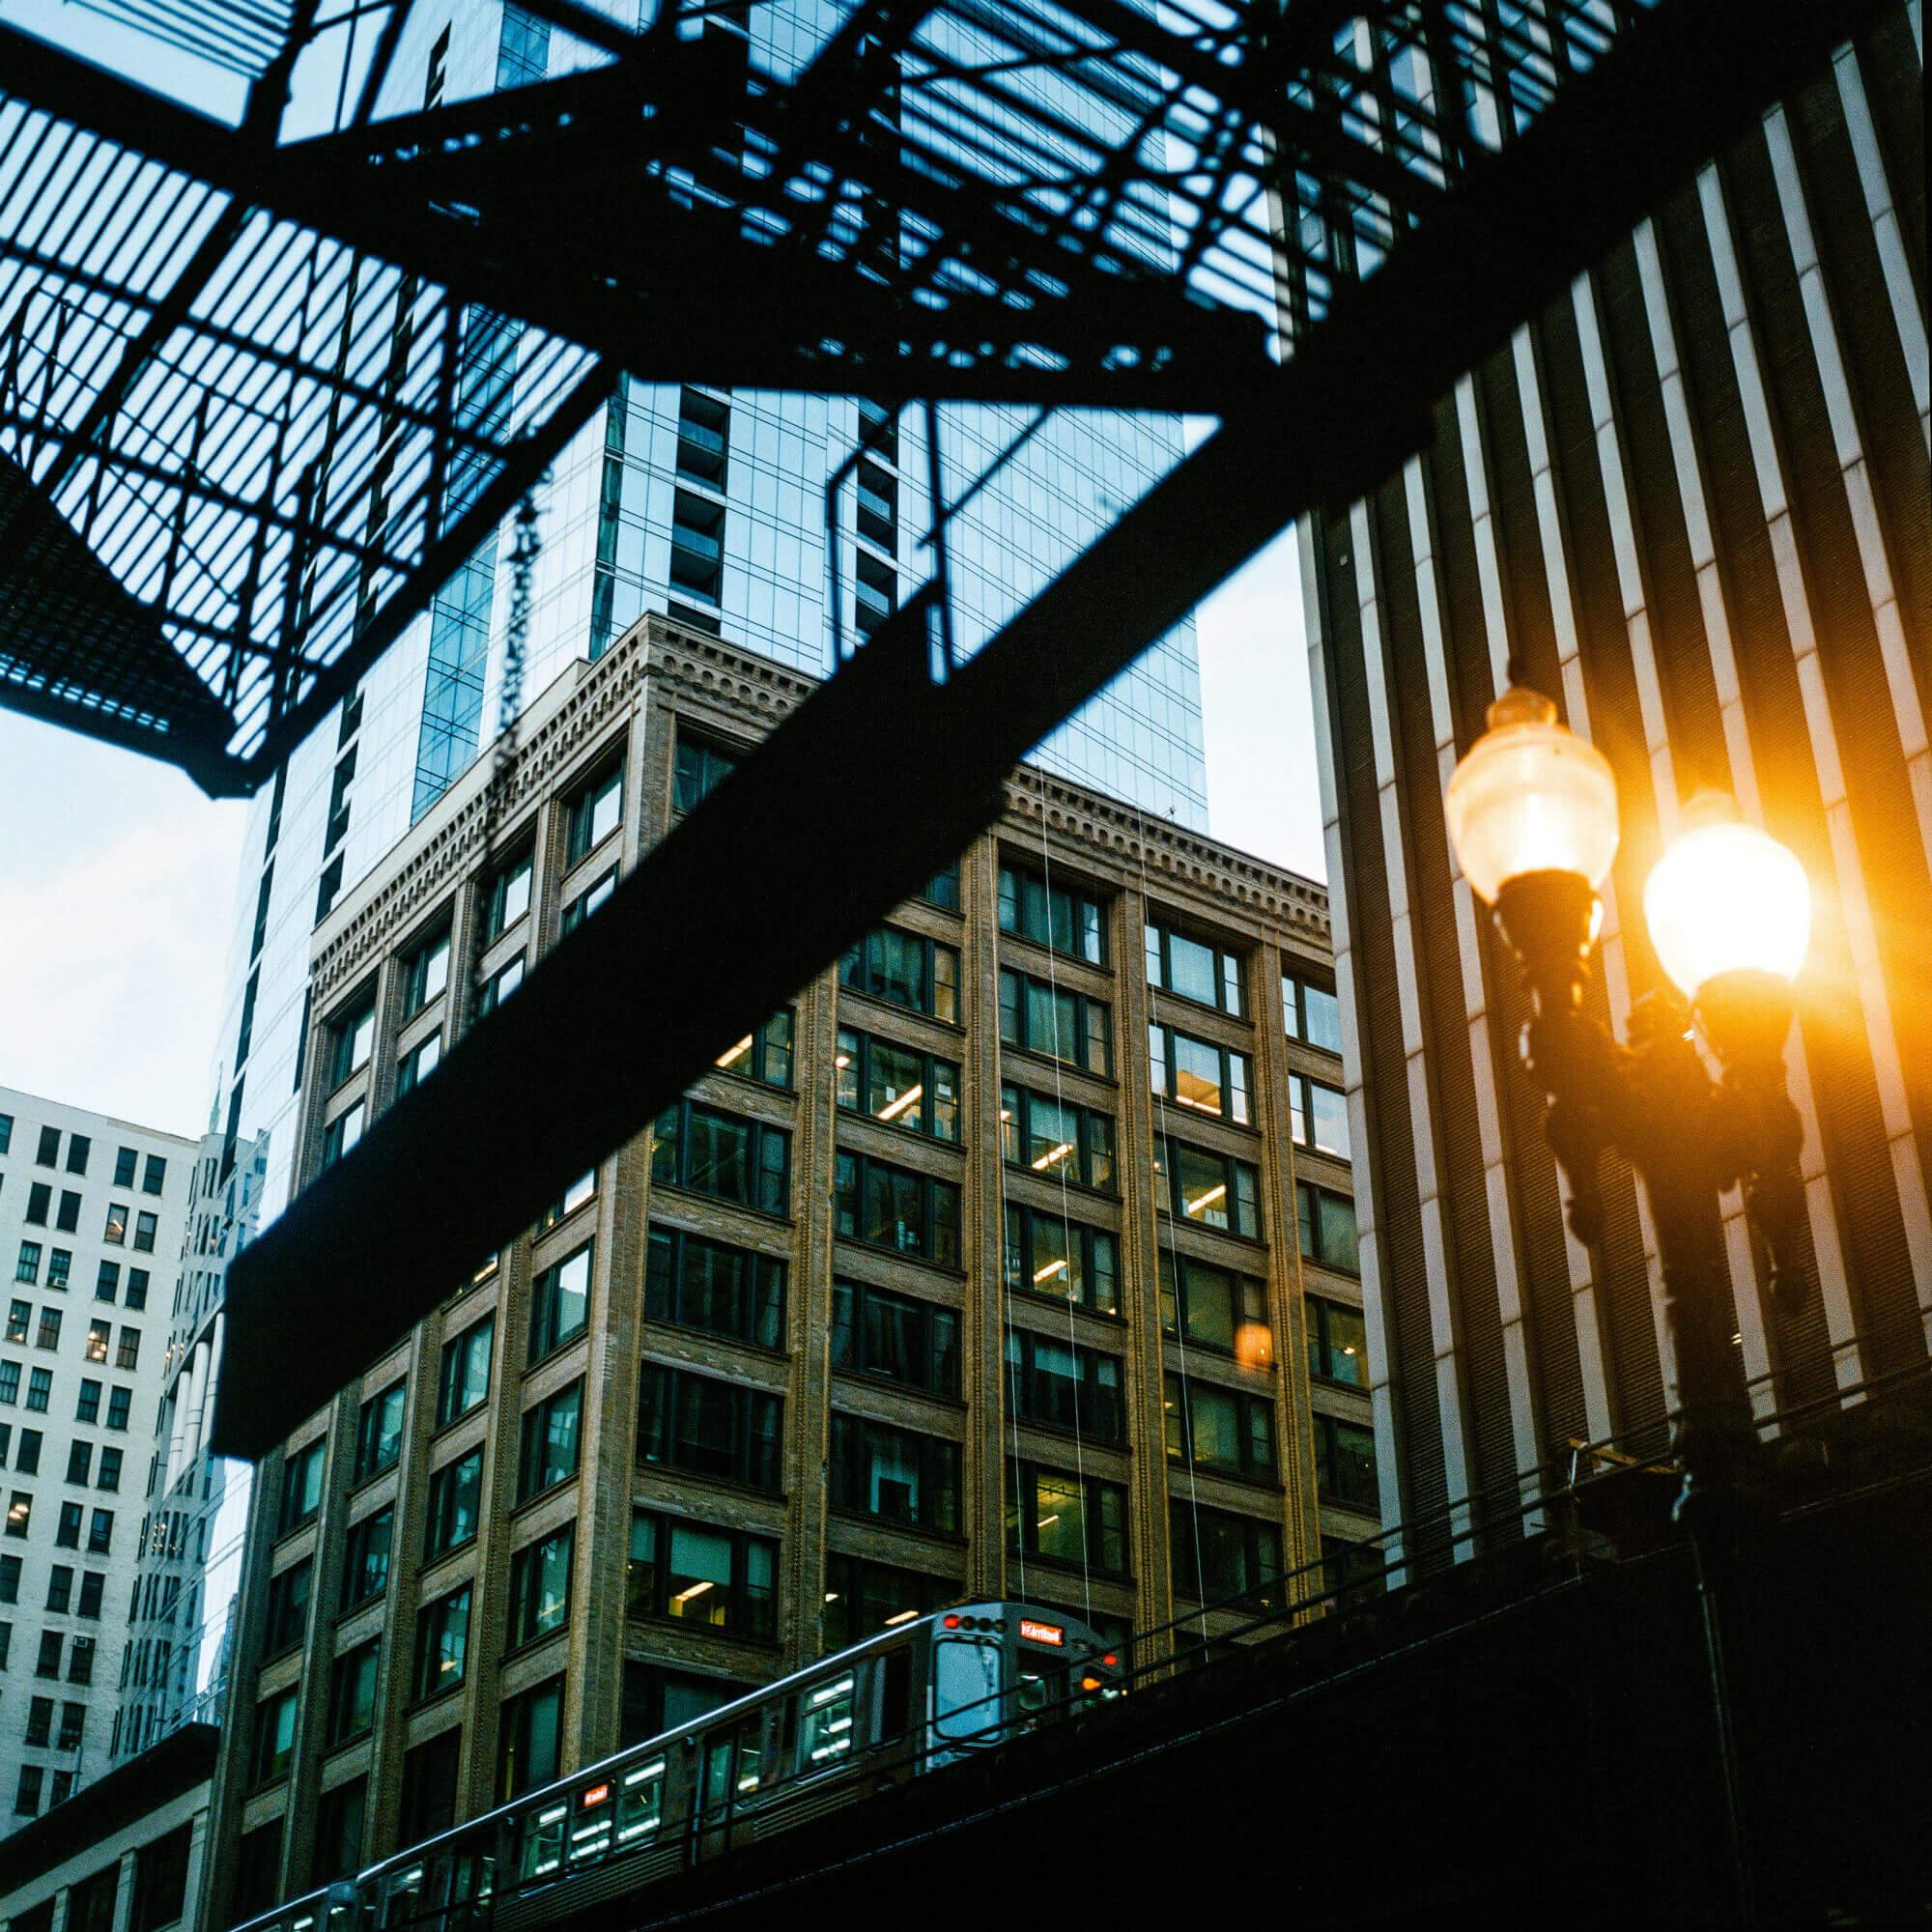 Интенсивная архитектура Чикаго в репортаже Евгения Фельдмана